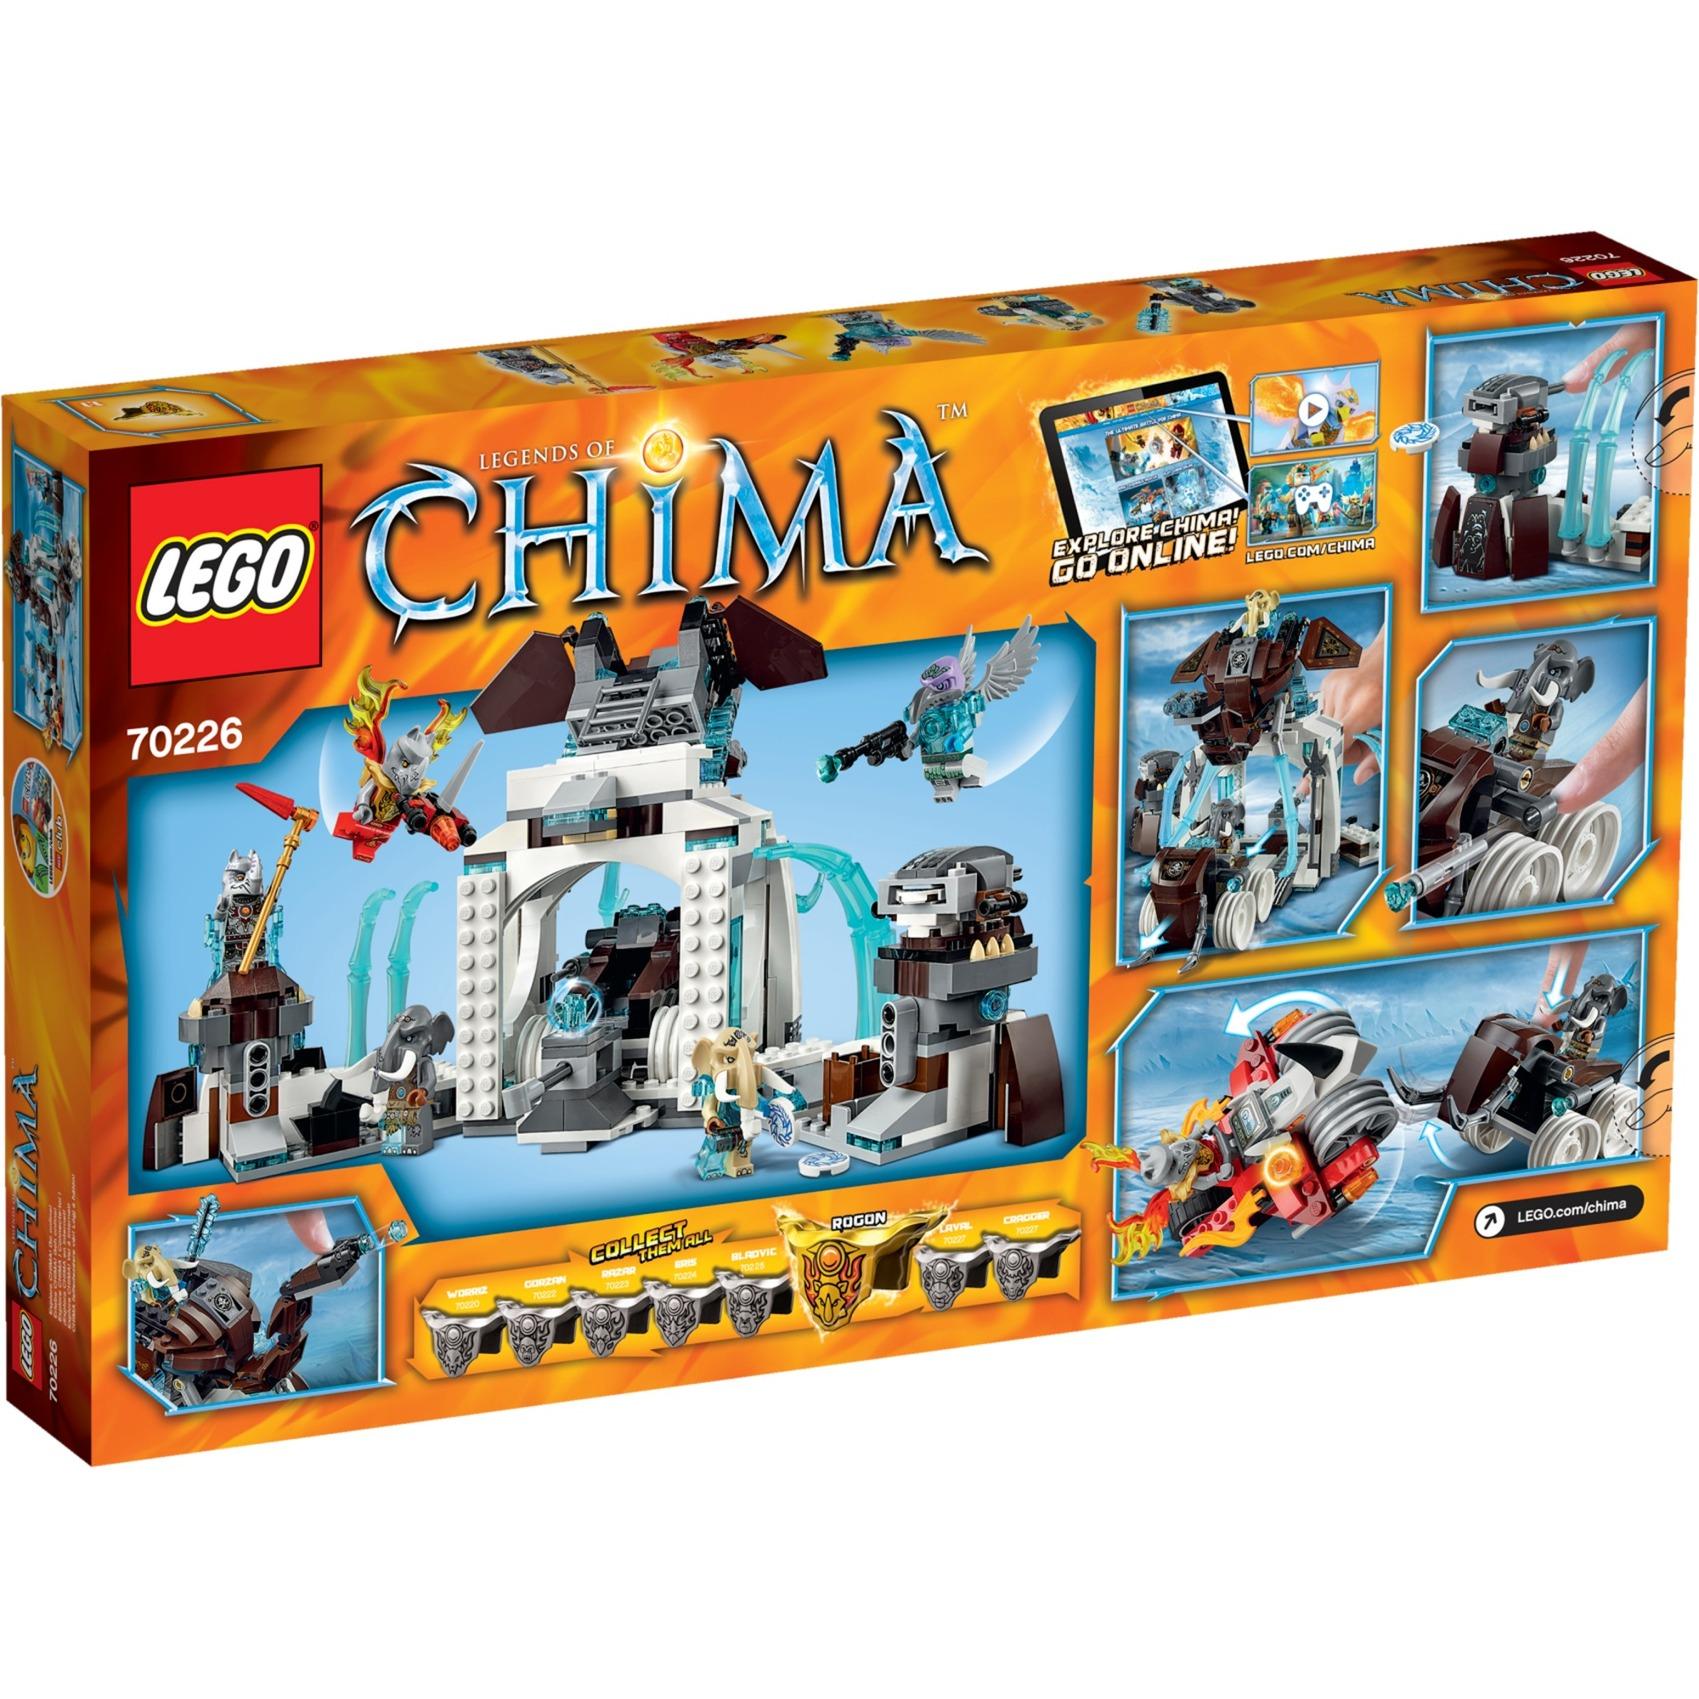 Prezzo scontato Lego Chima 70226 - La roccaforte di ghiaccio dei Mammut